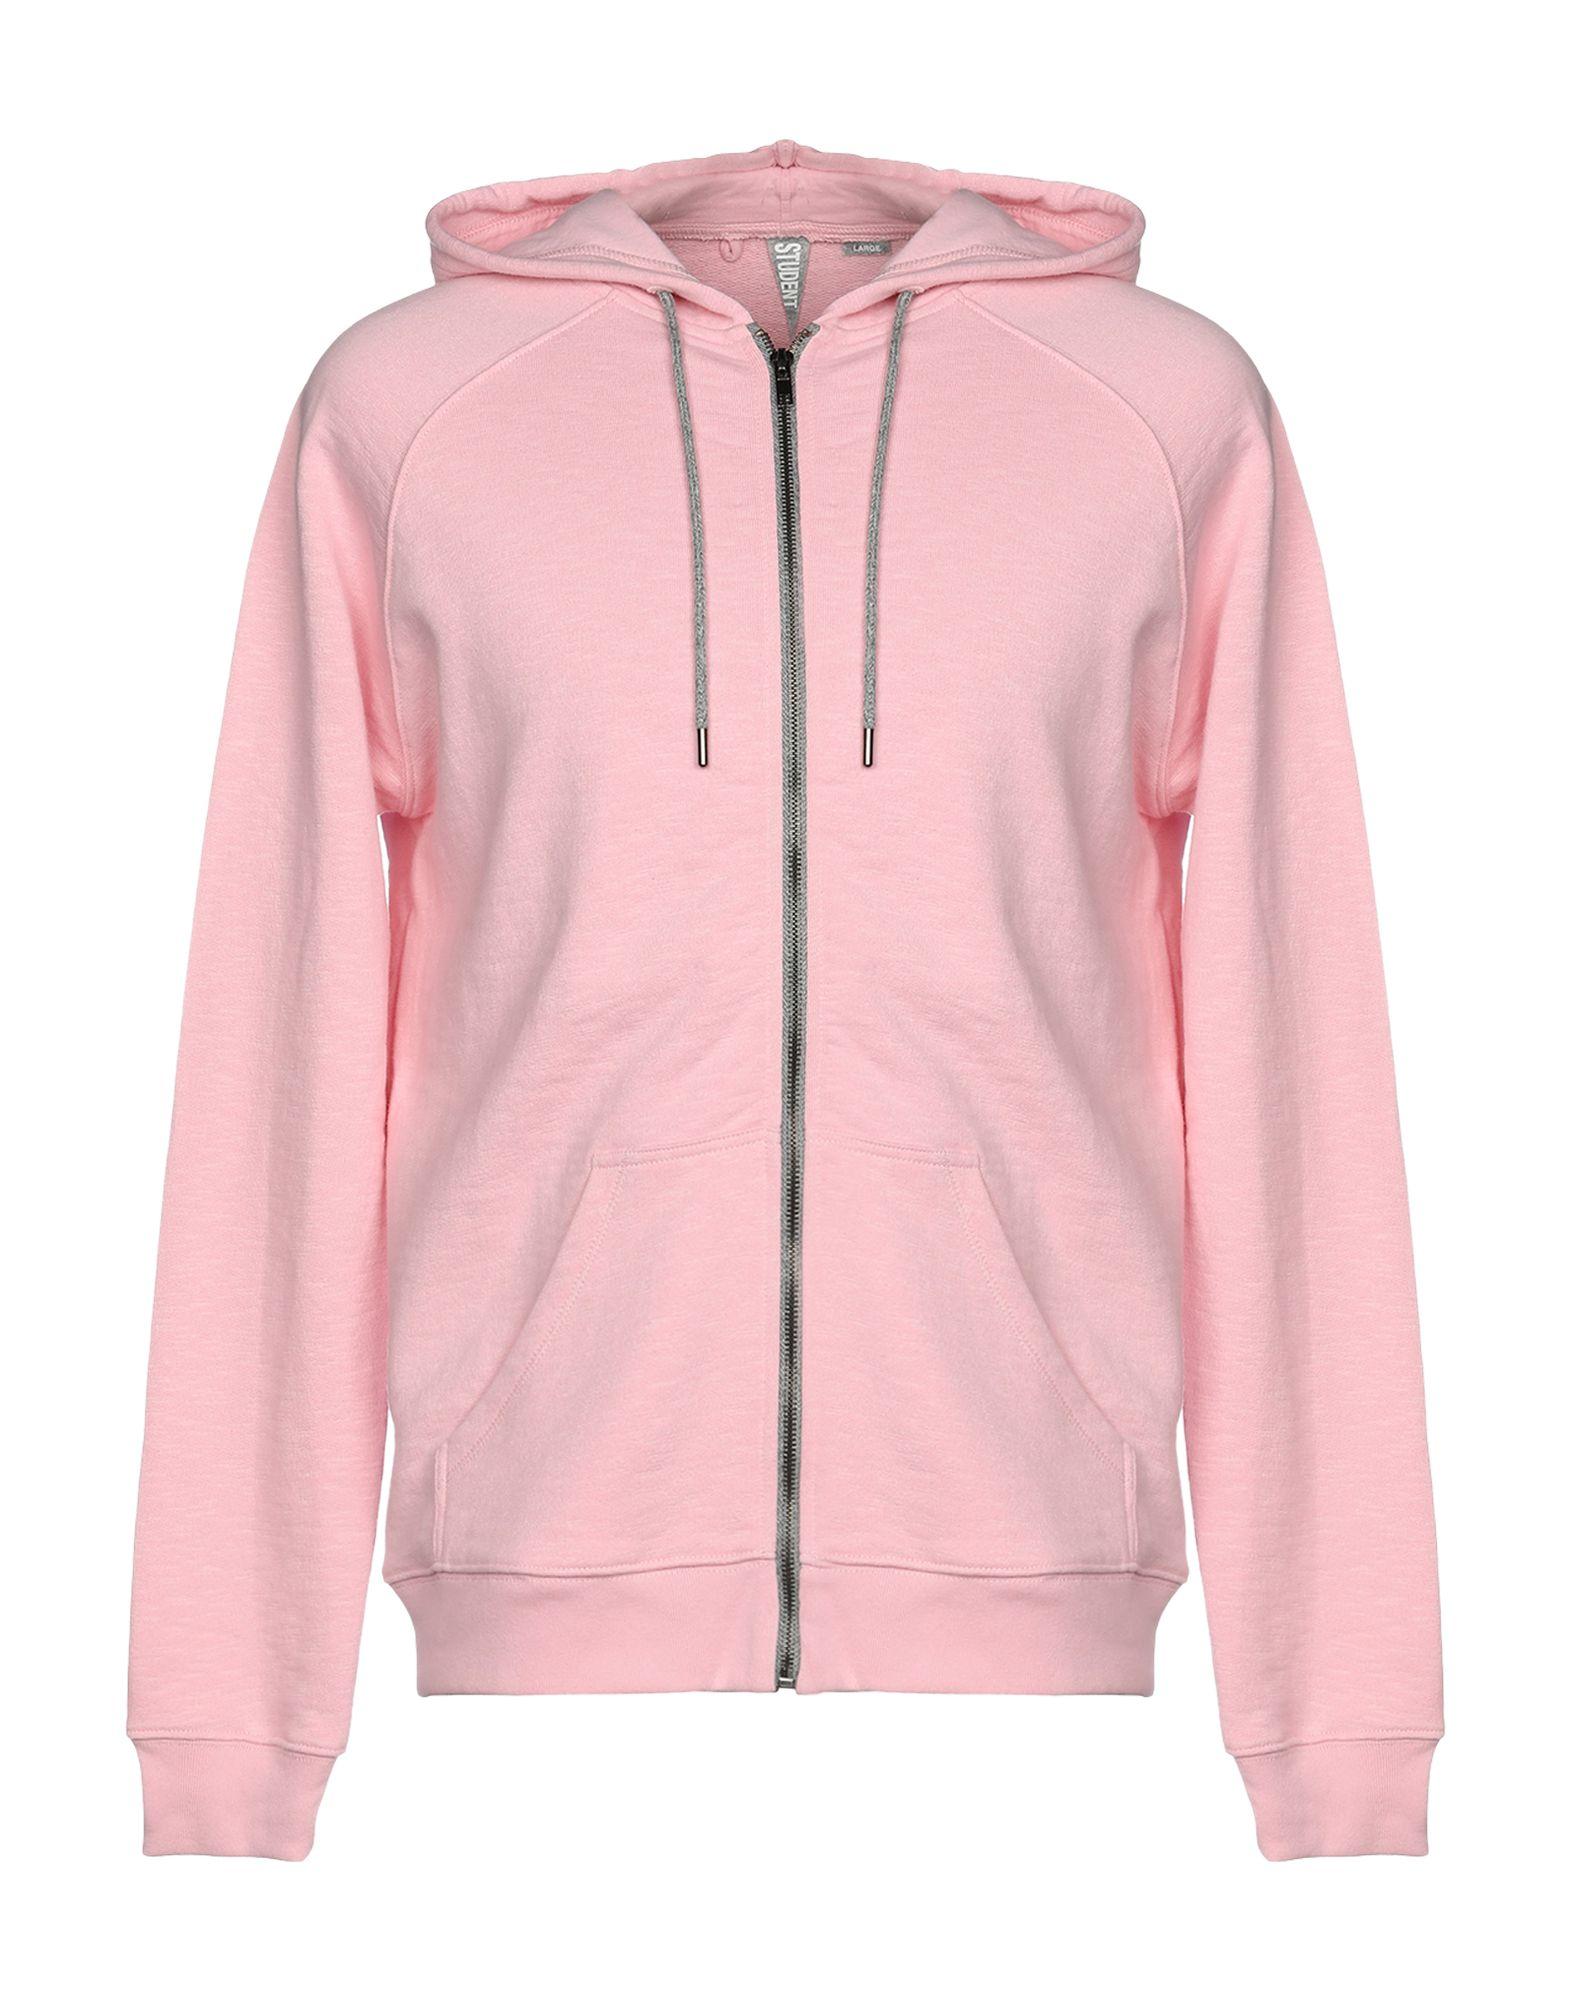 《送料無料》STUDENT メンズ スウェットシャツ ピンク L コットン 100%